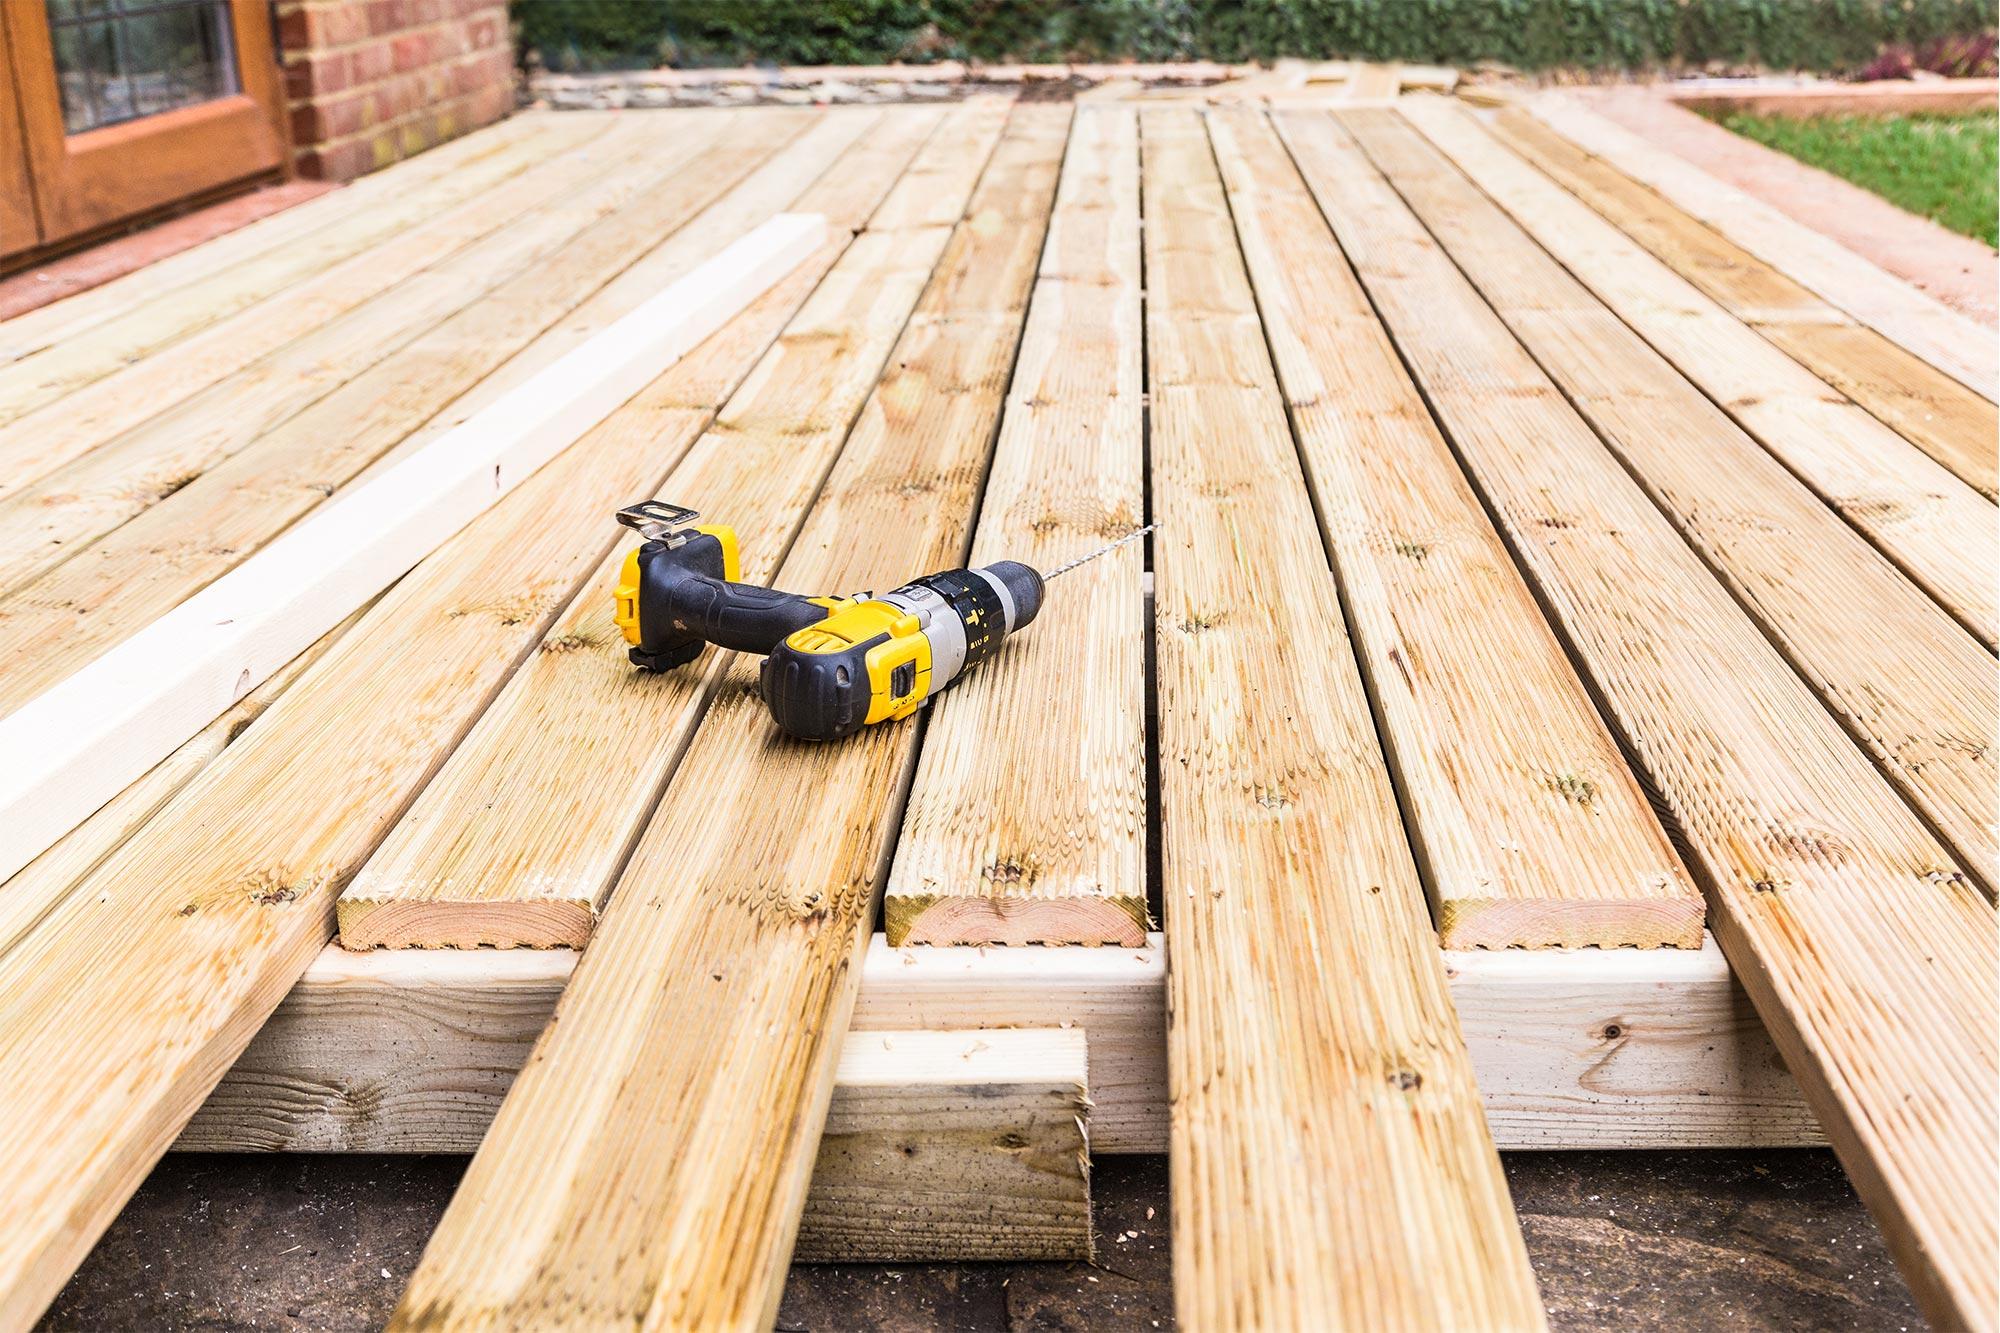 Terrasse anlegen - Ideen und Tipps für die Planung und ...